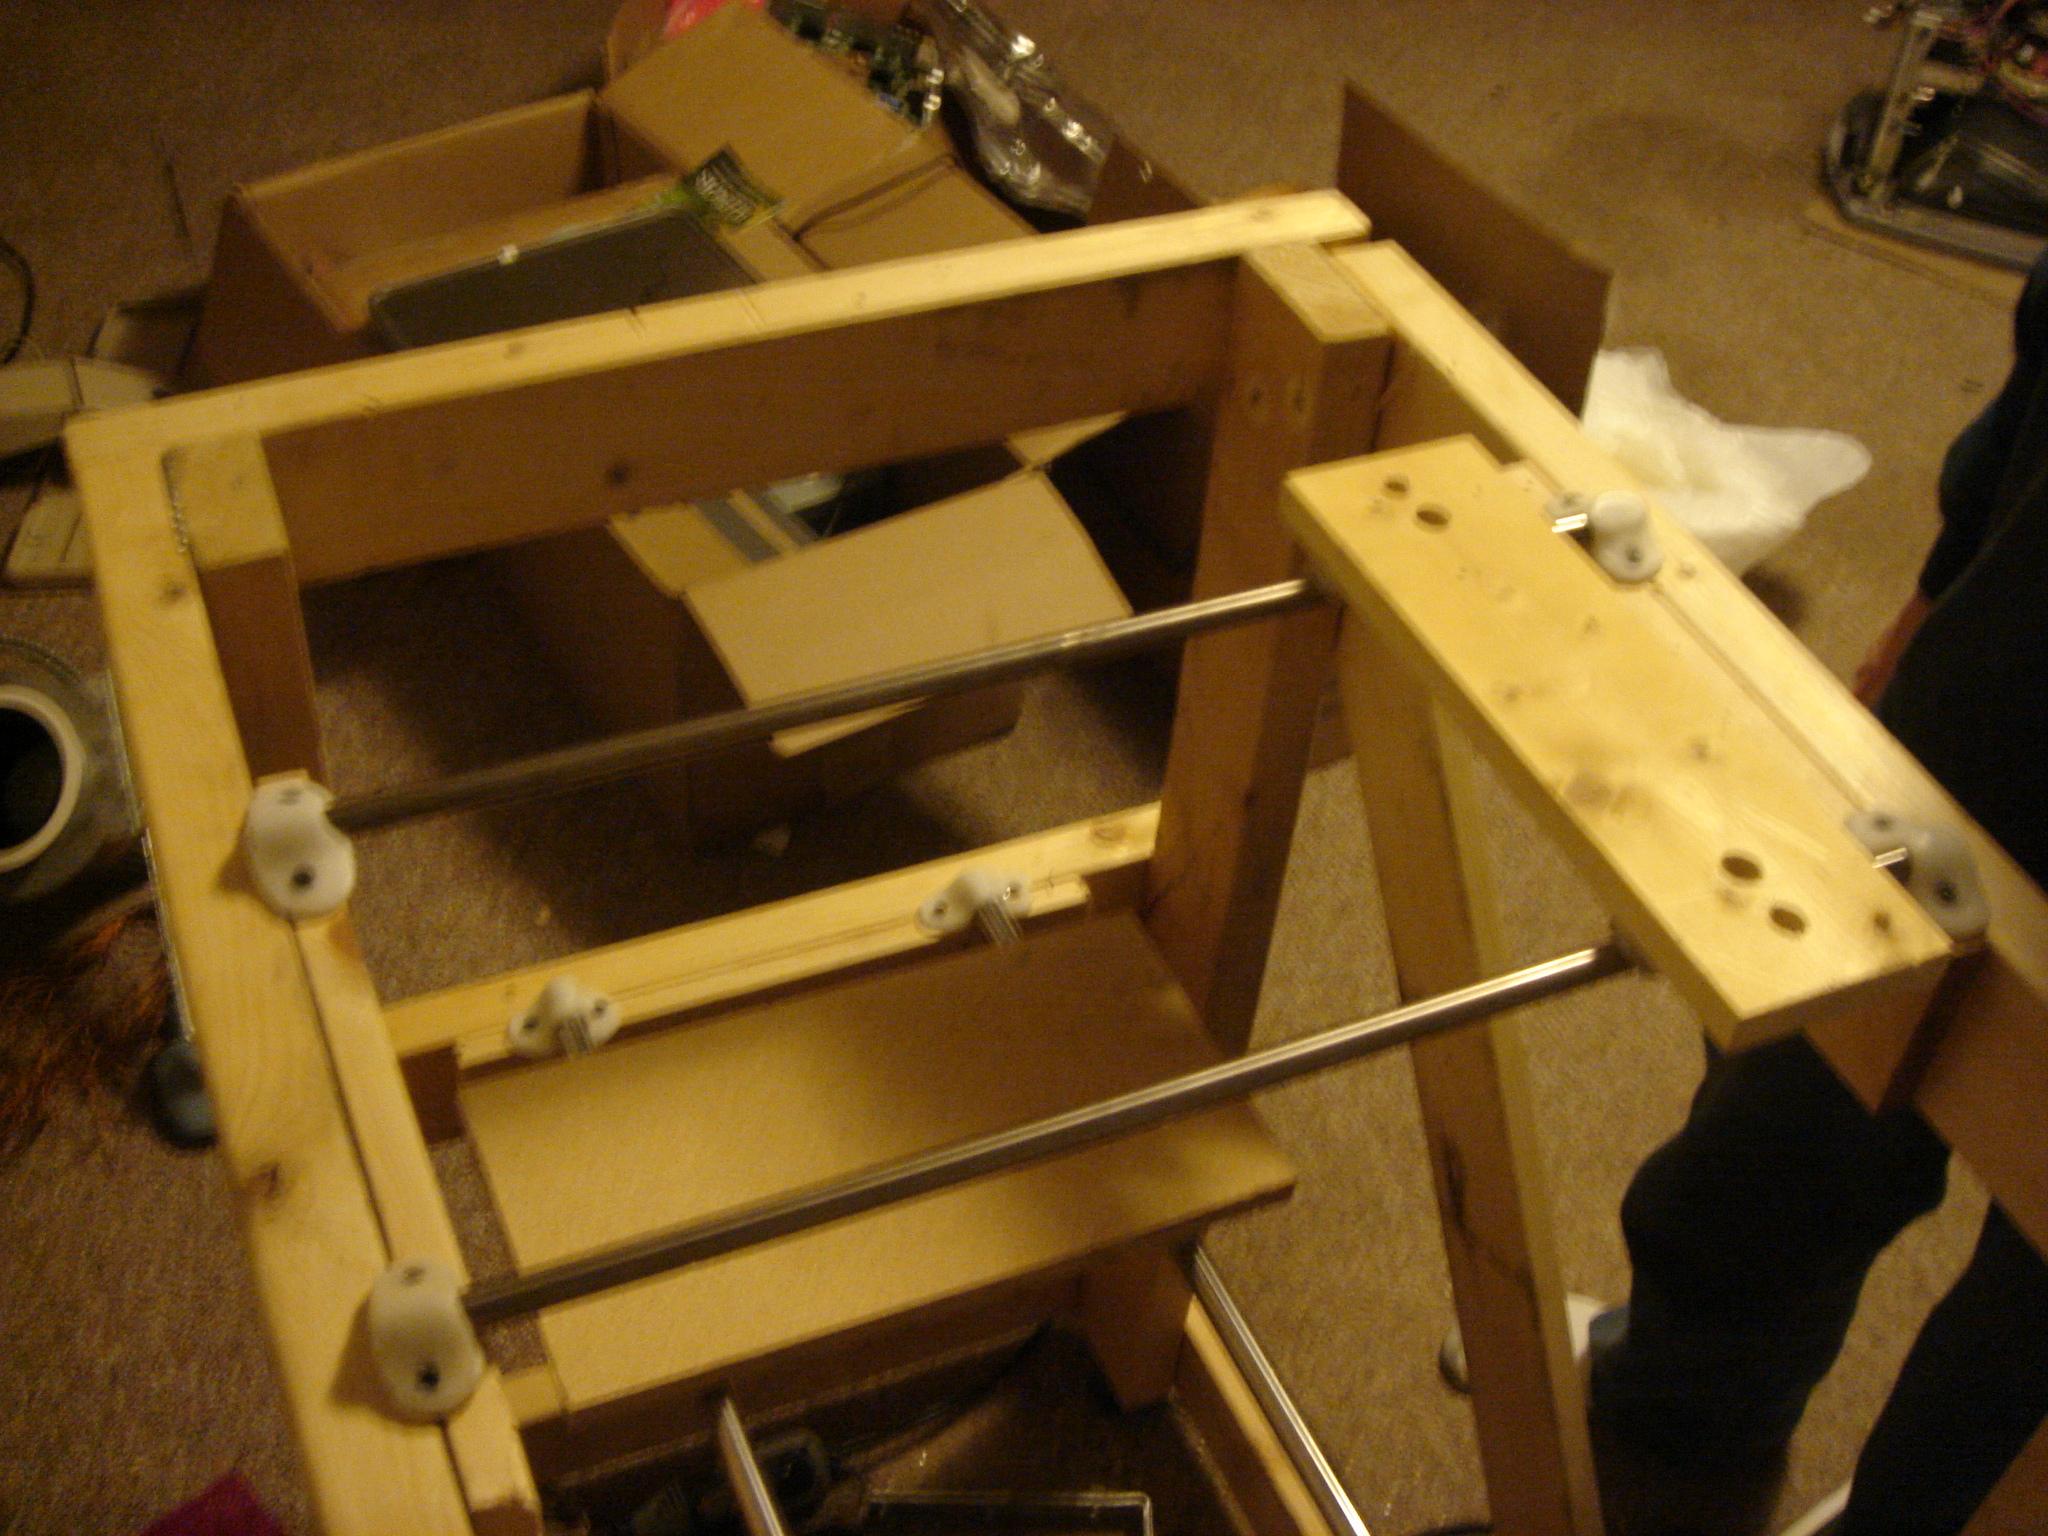 Constructing a RepRap: Part 2